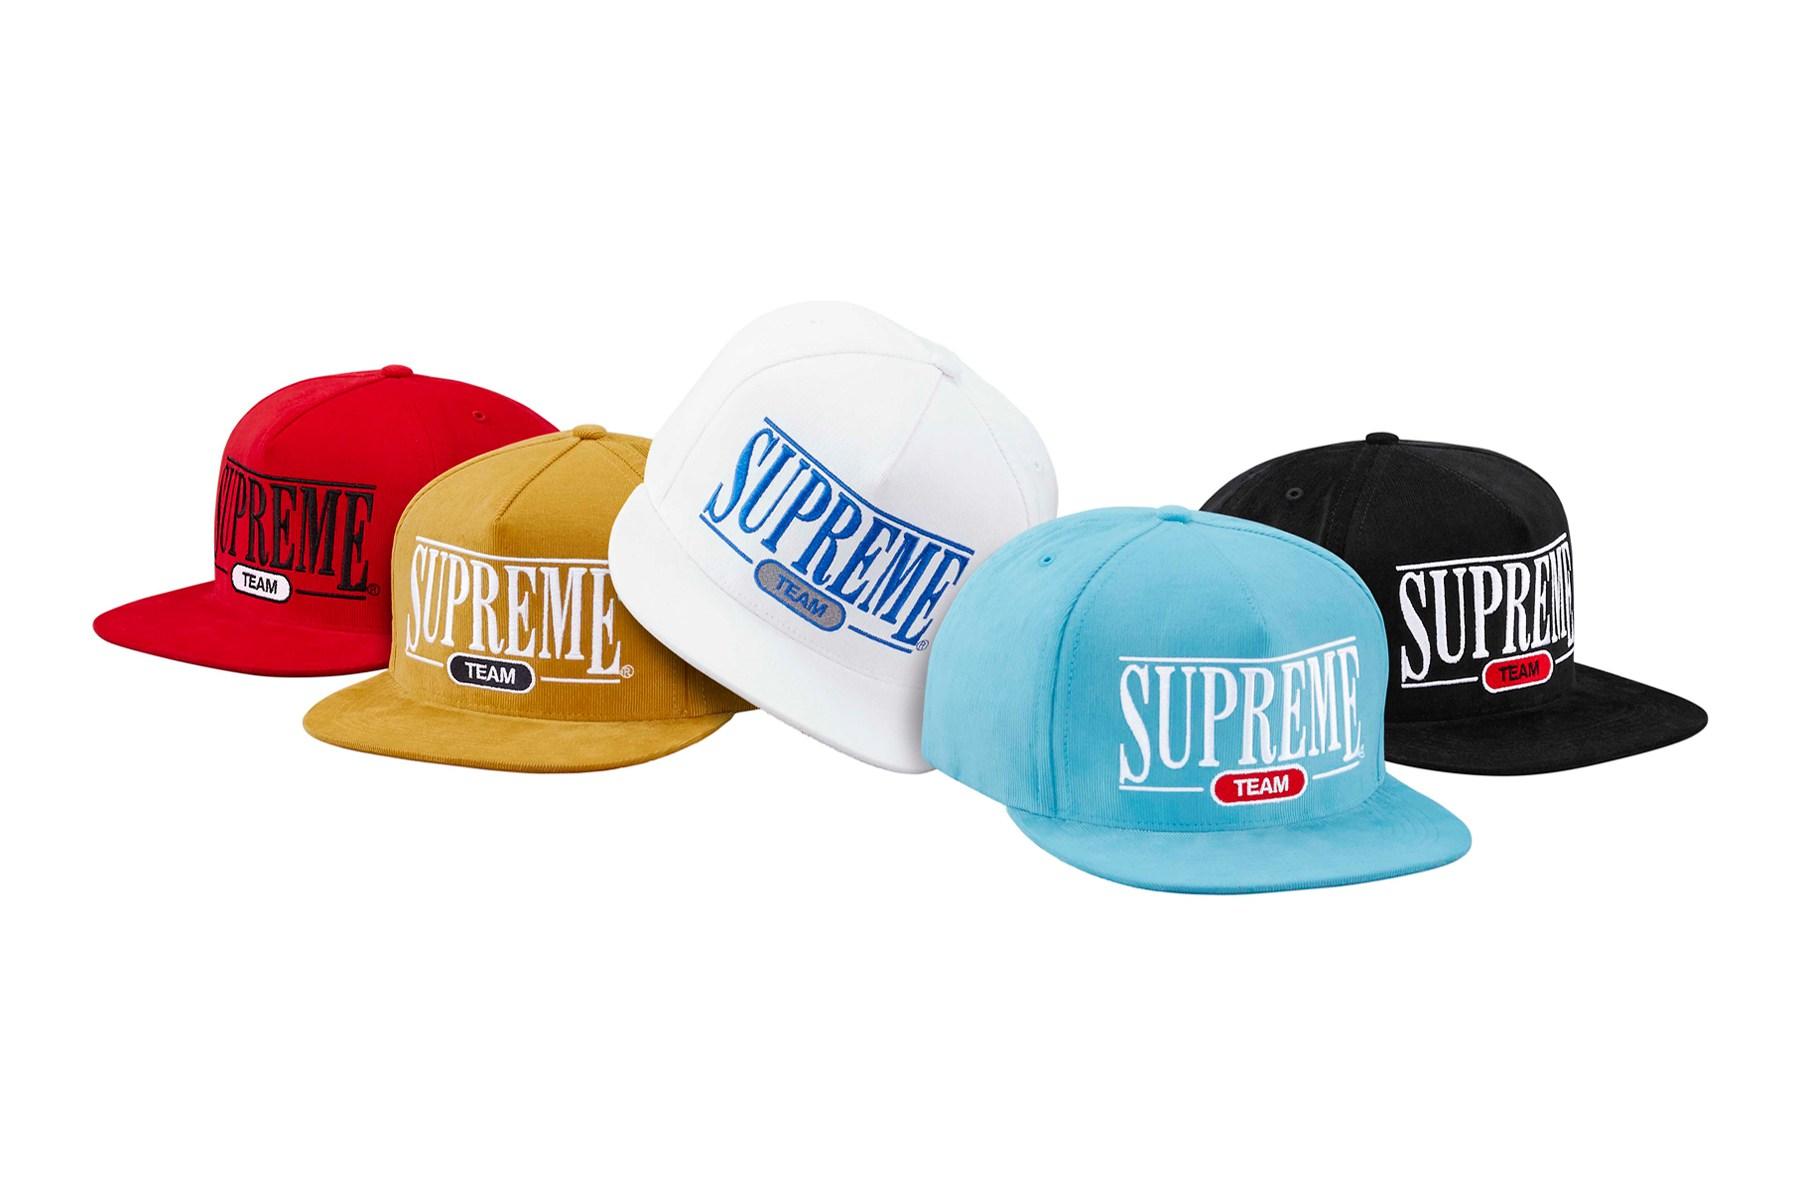 supreme-2016-spring-summer-headwear-13